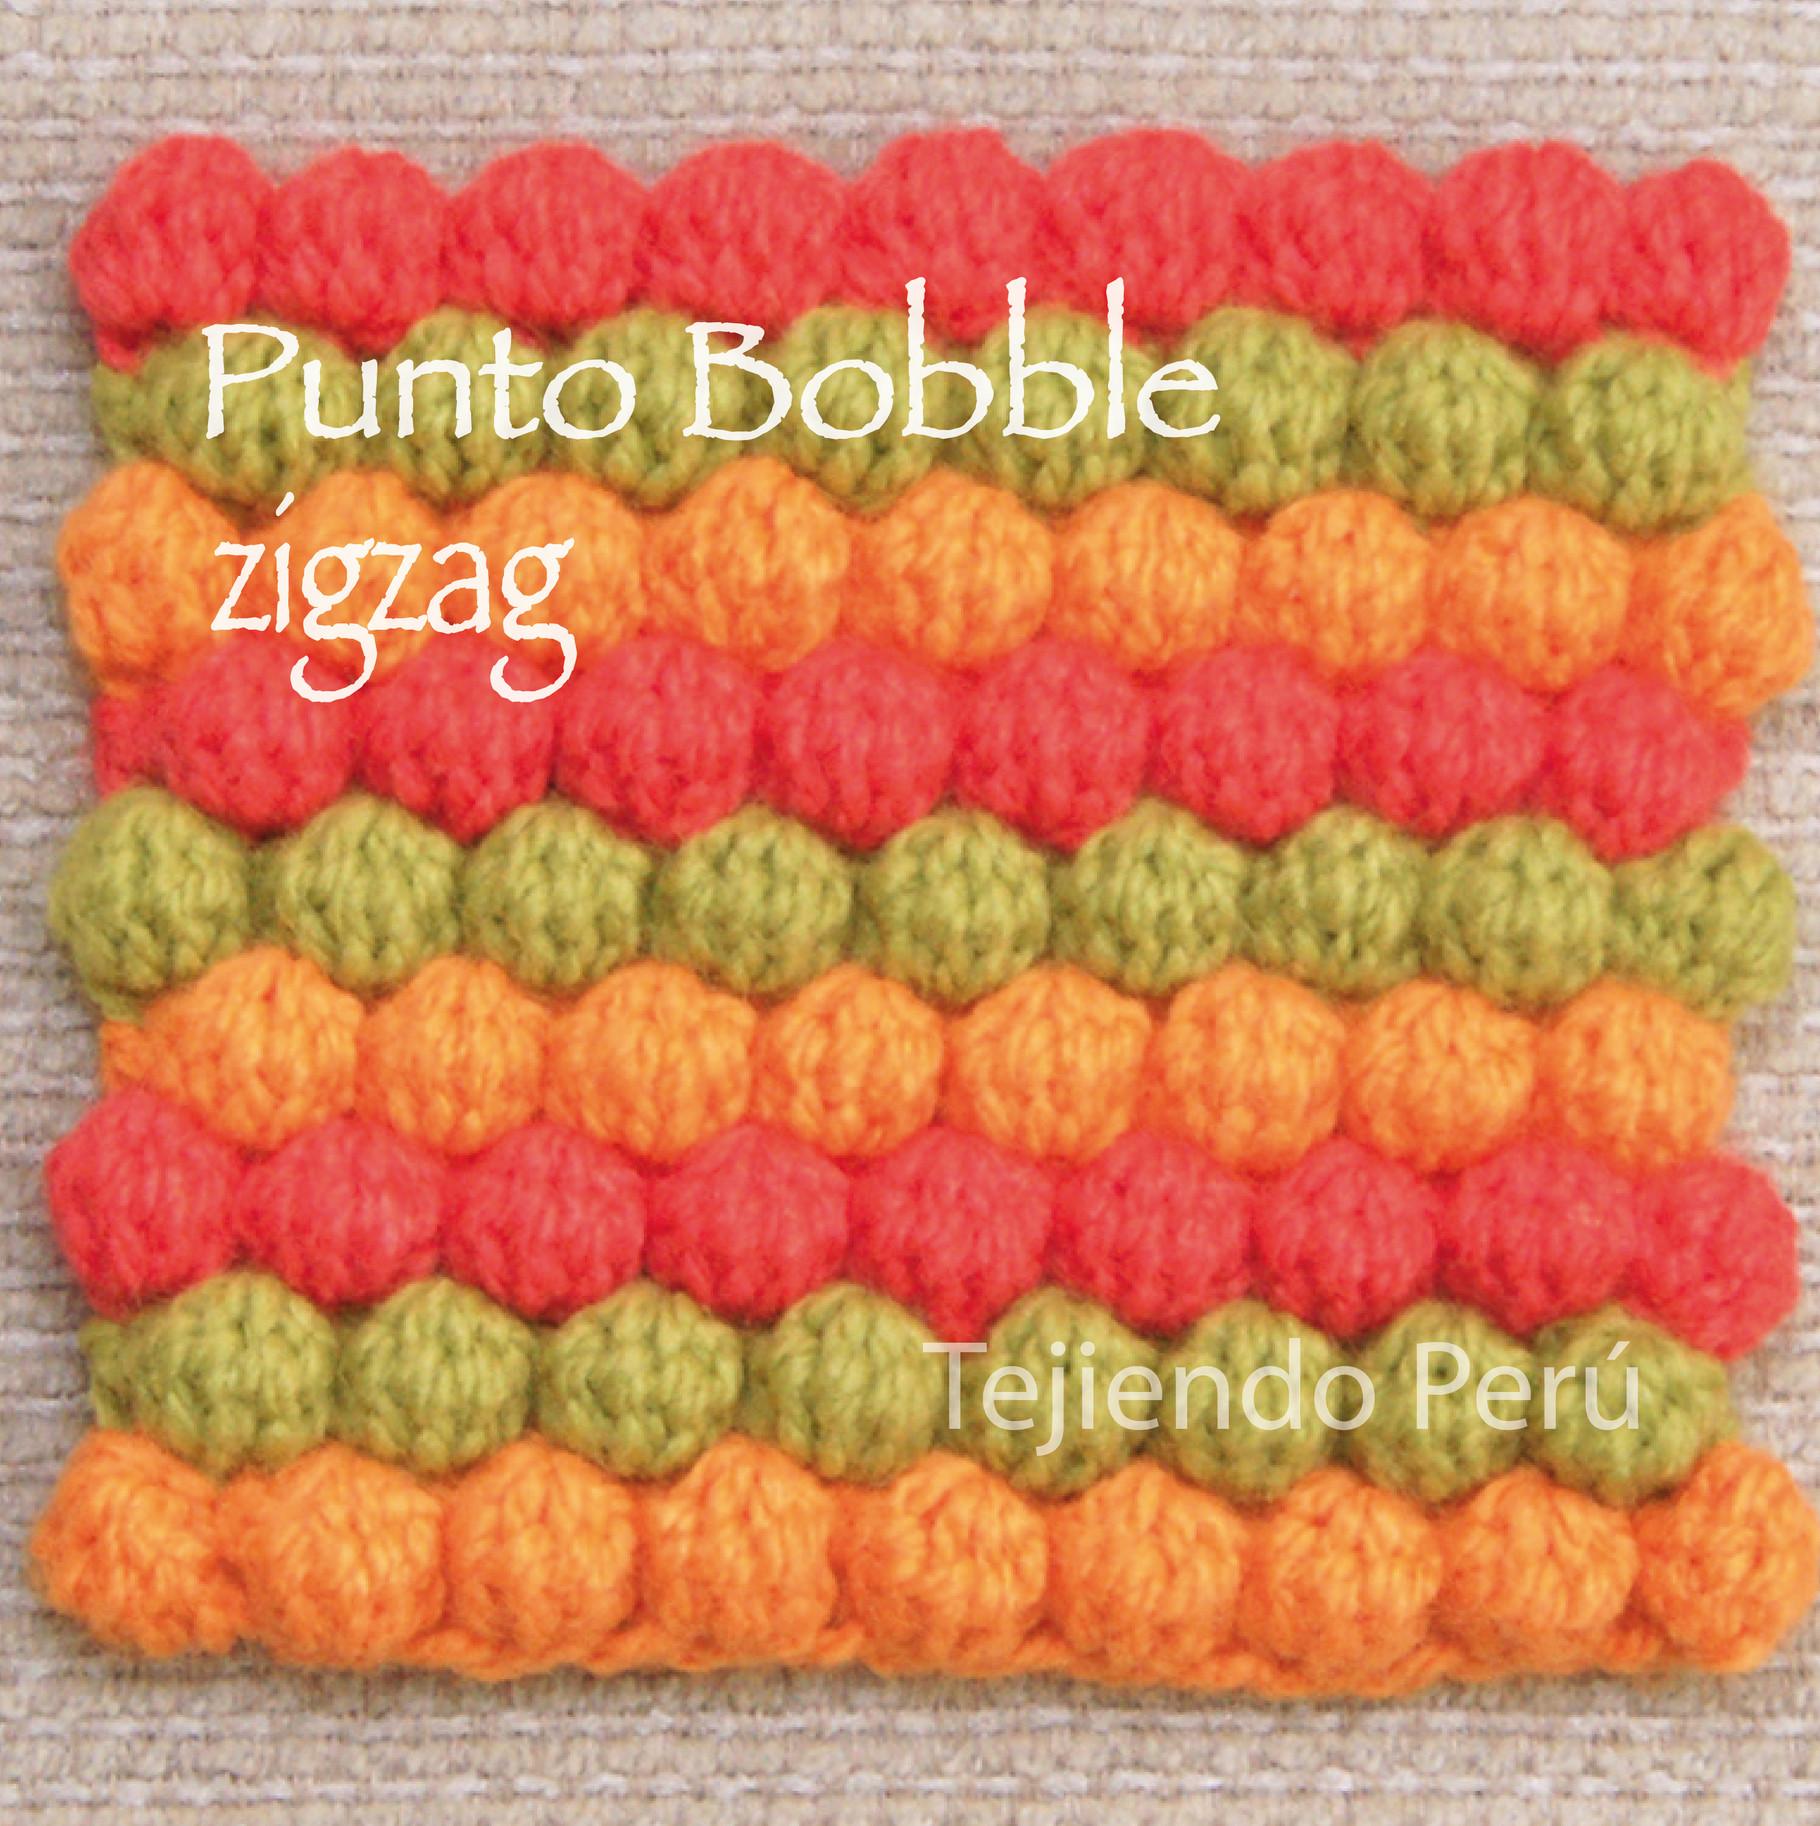 Galería de puntos fantasía 18 (bobble crochet) - Tejiendo Perú